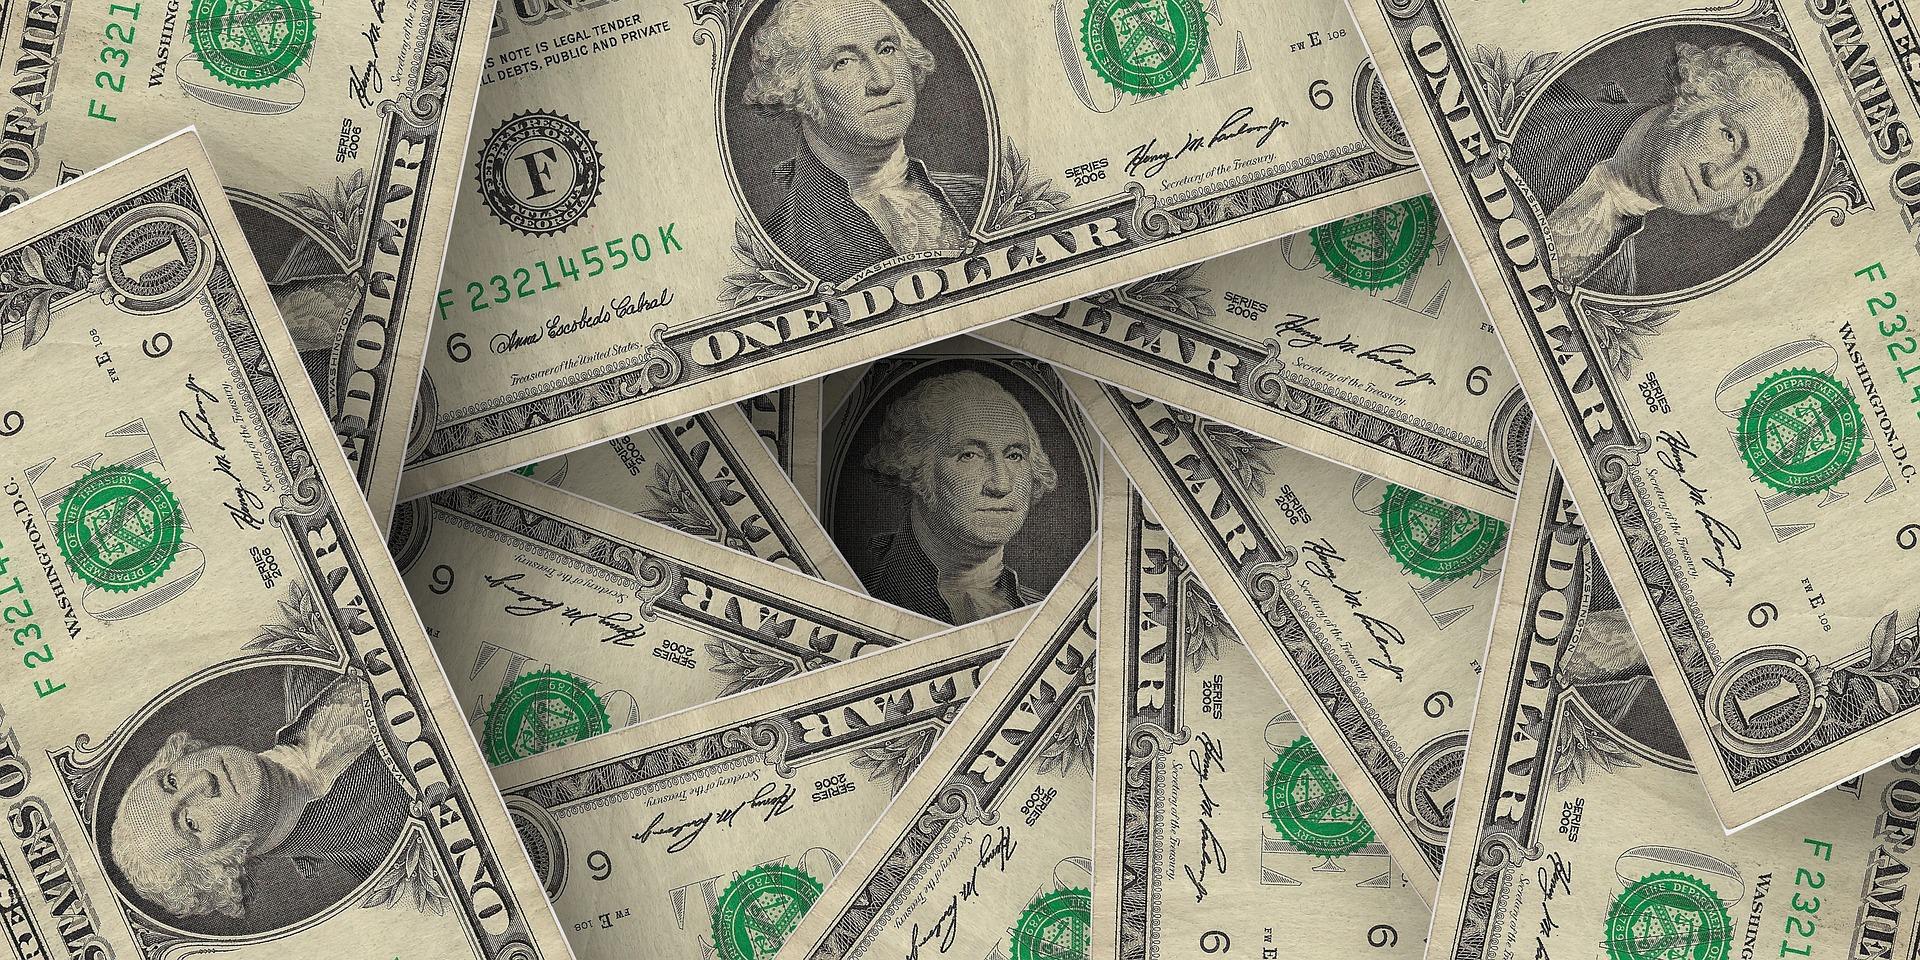 (Bolsa recuou 1,44% influenciada por Banco Central e commodities. Foto: Reprodução/Pixabay )